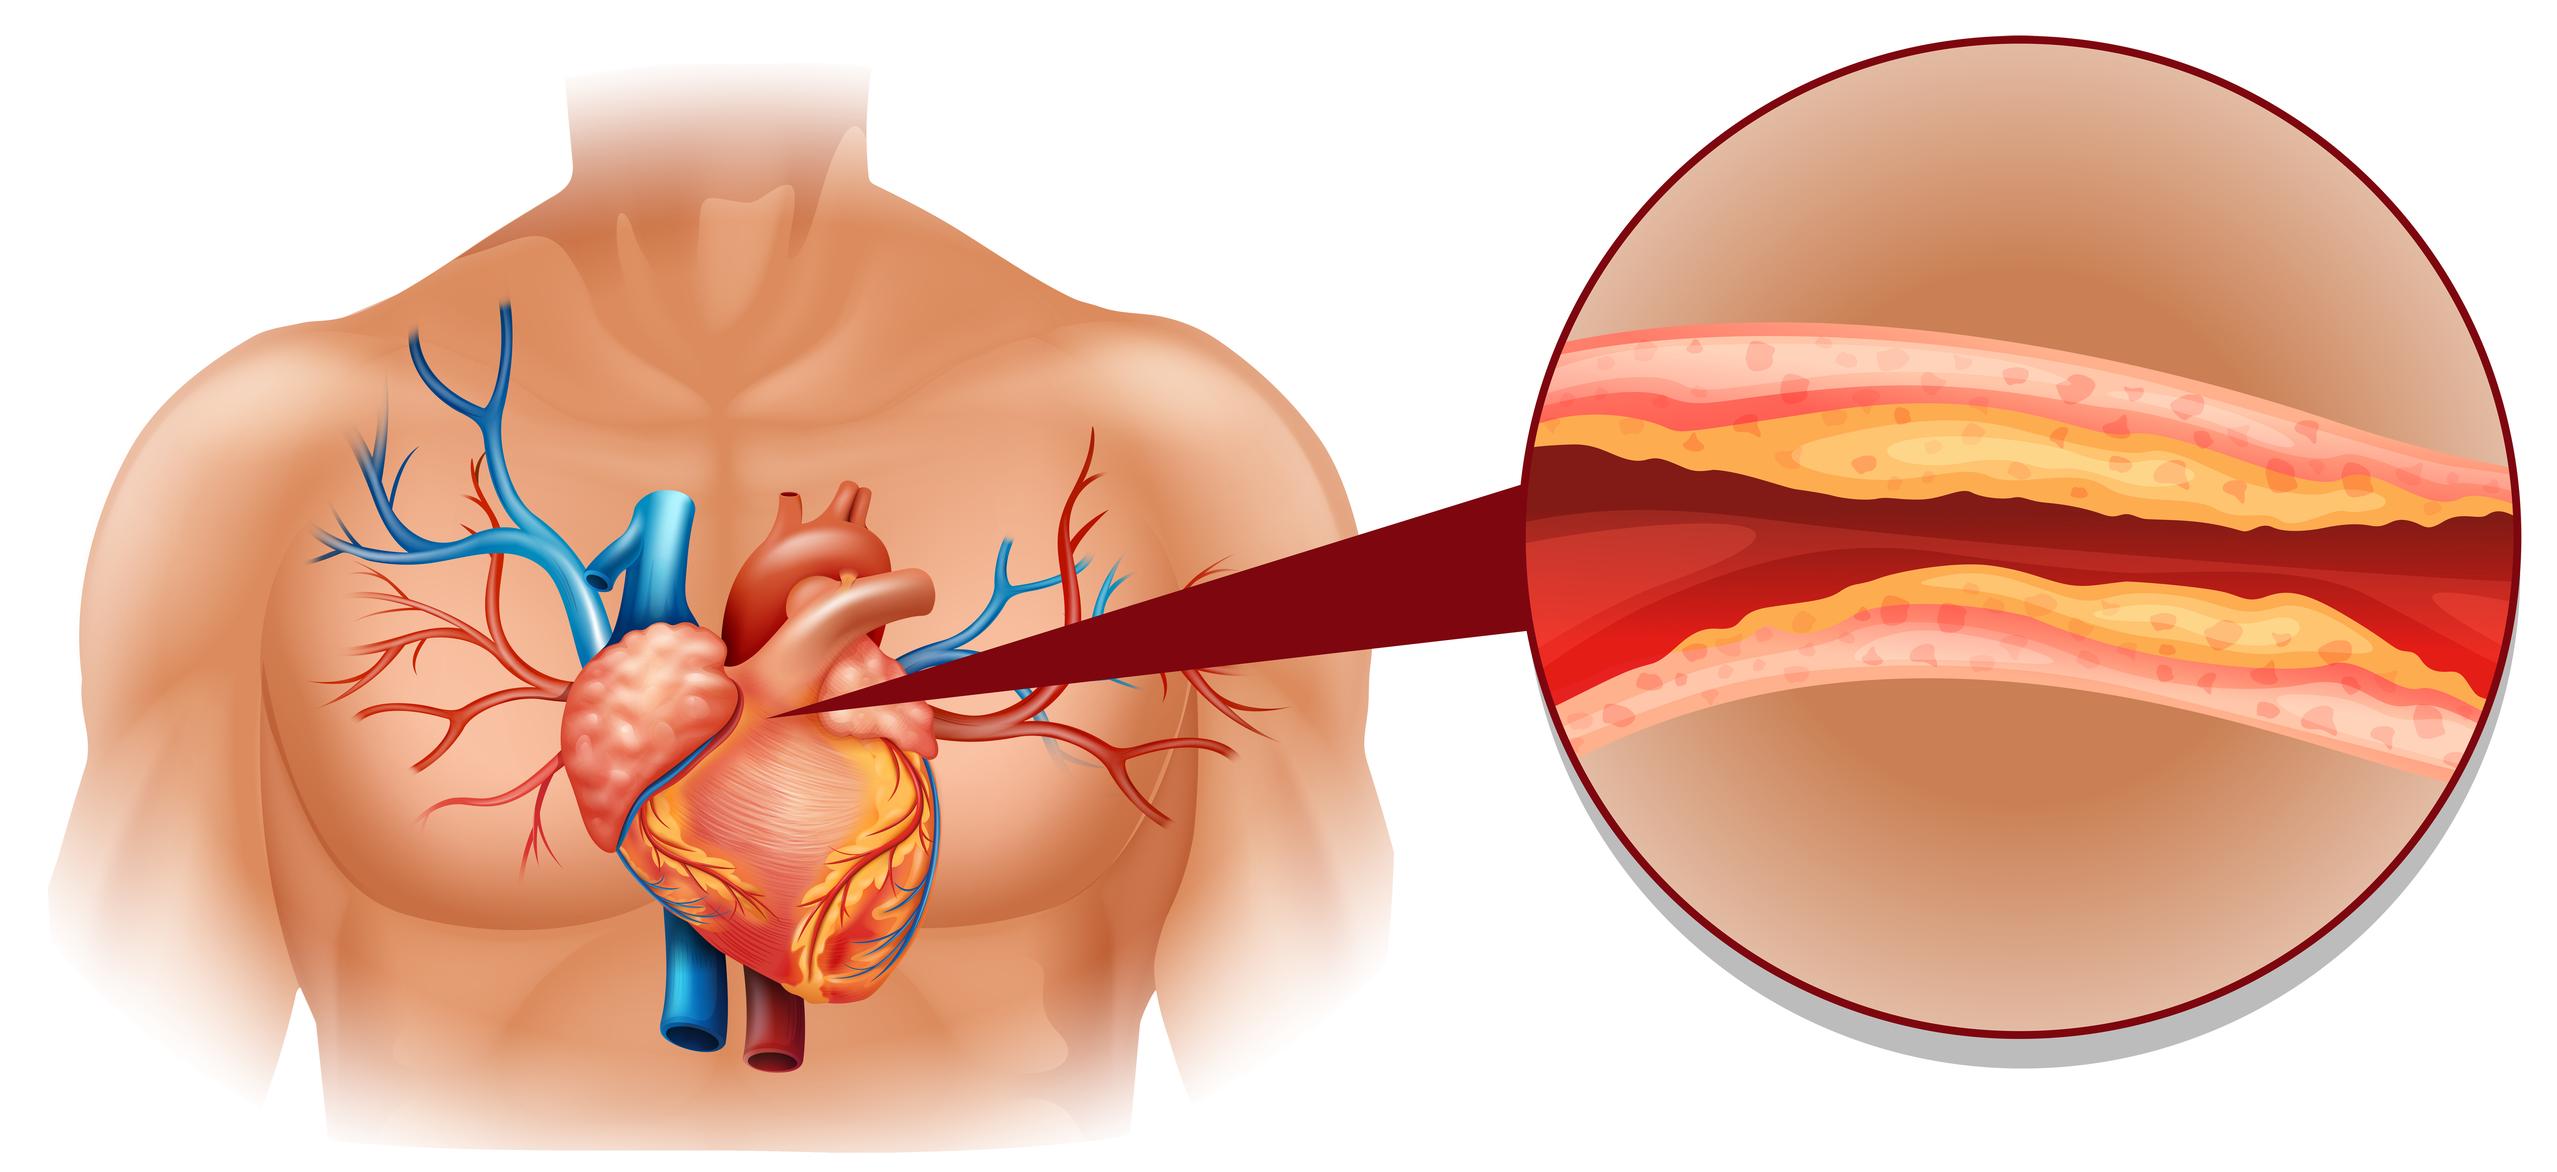 Tegning av overkropp med hjerte, utfdrag med åre med kolesterolplakk i åra